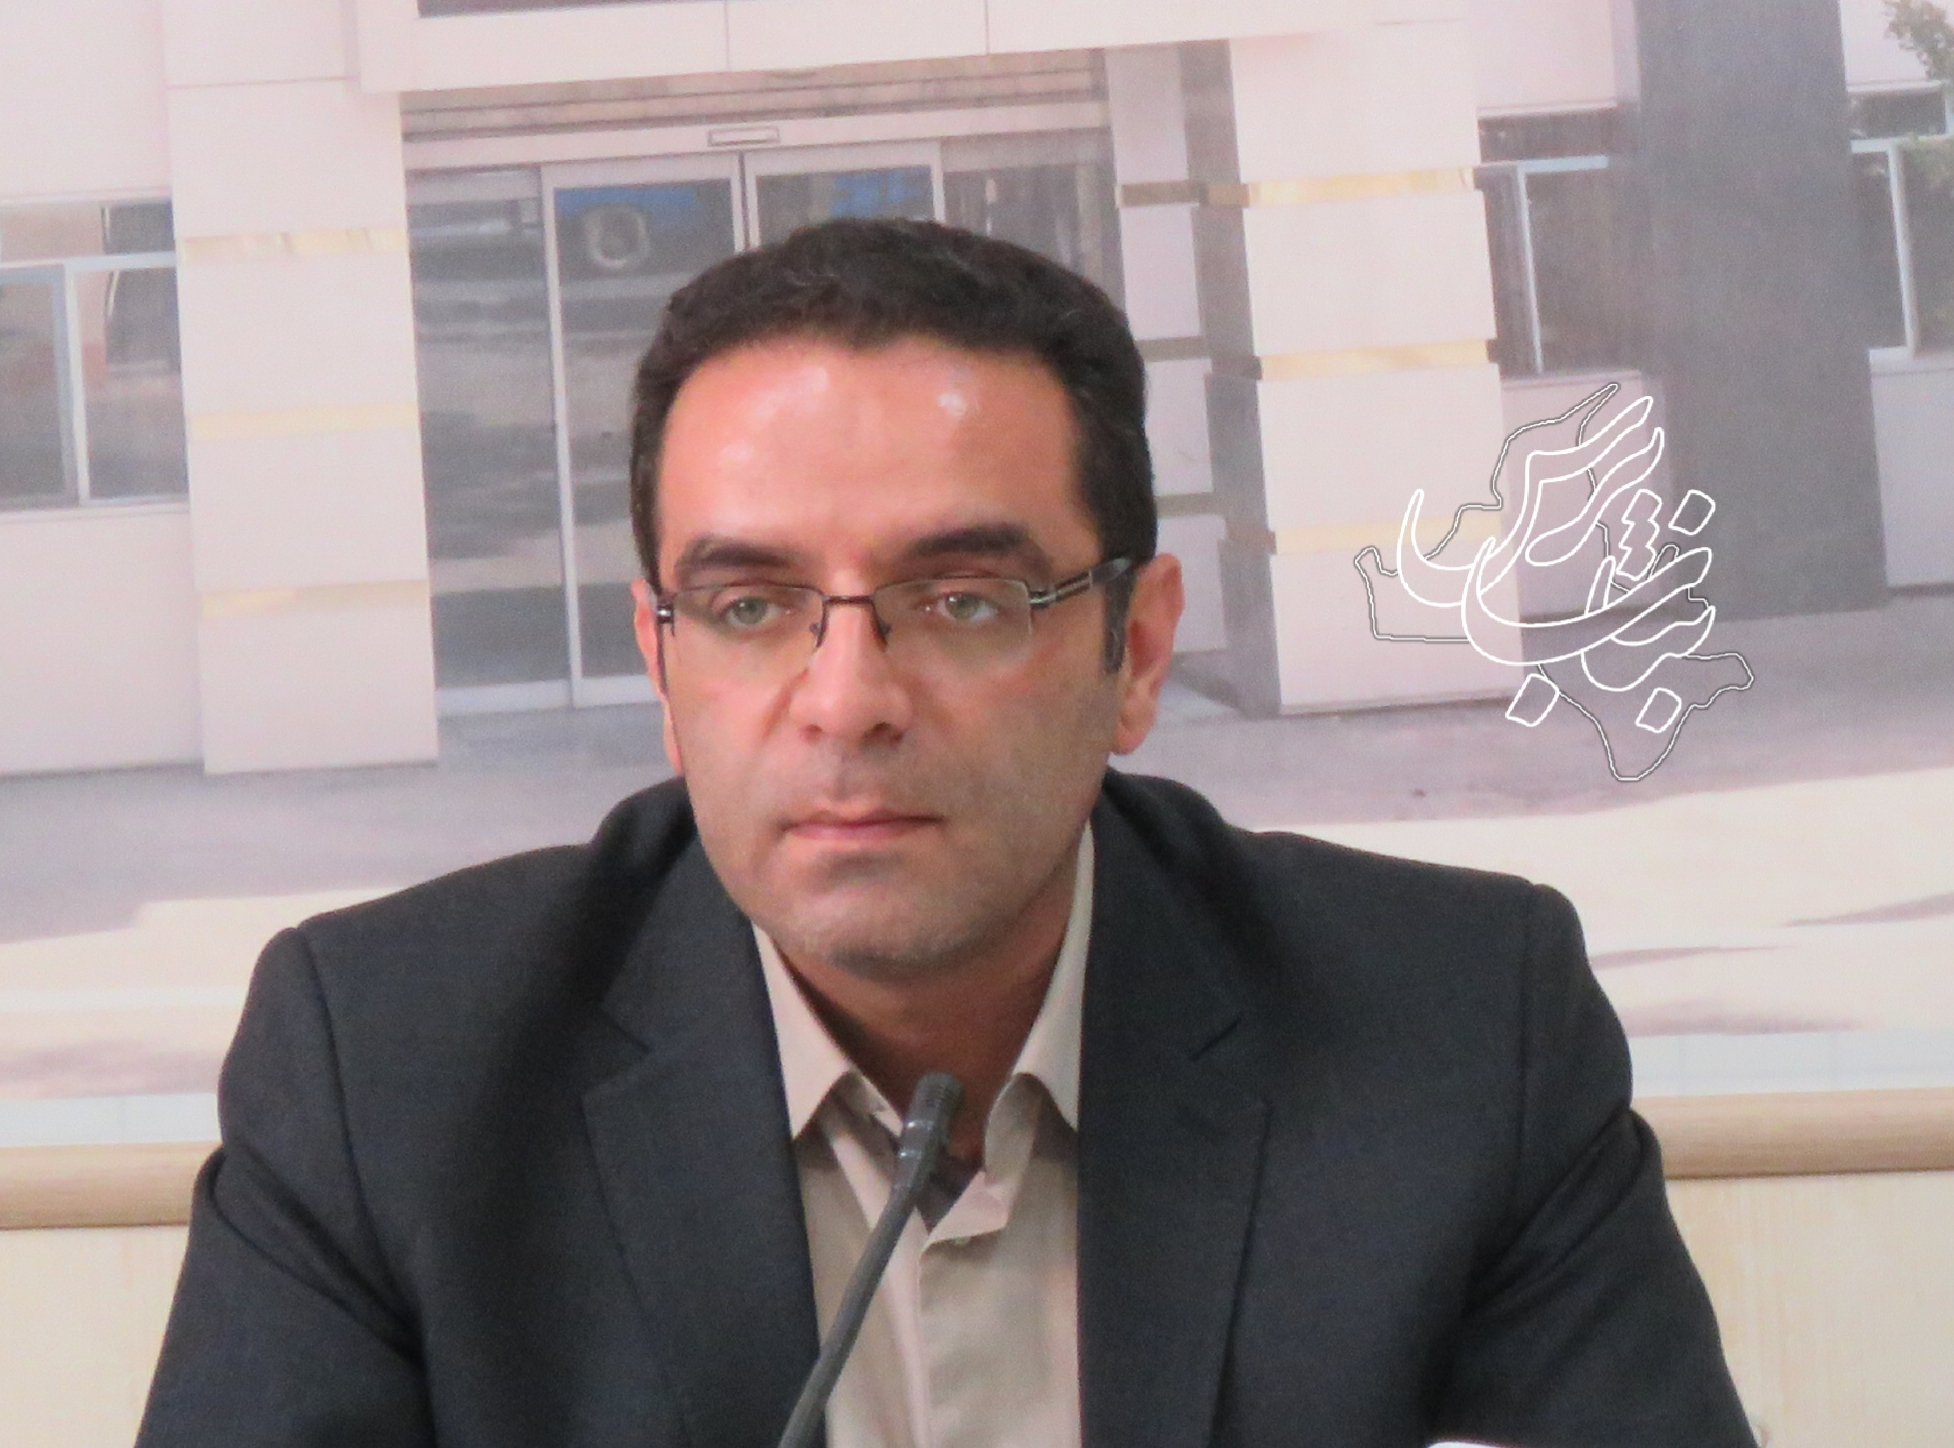 فرماندار بناب: وضعیت آسفالت معابر بناب باعث آبروریزی است